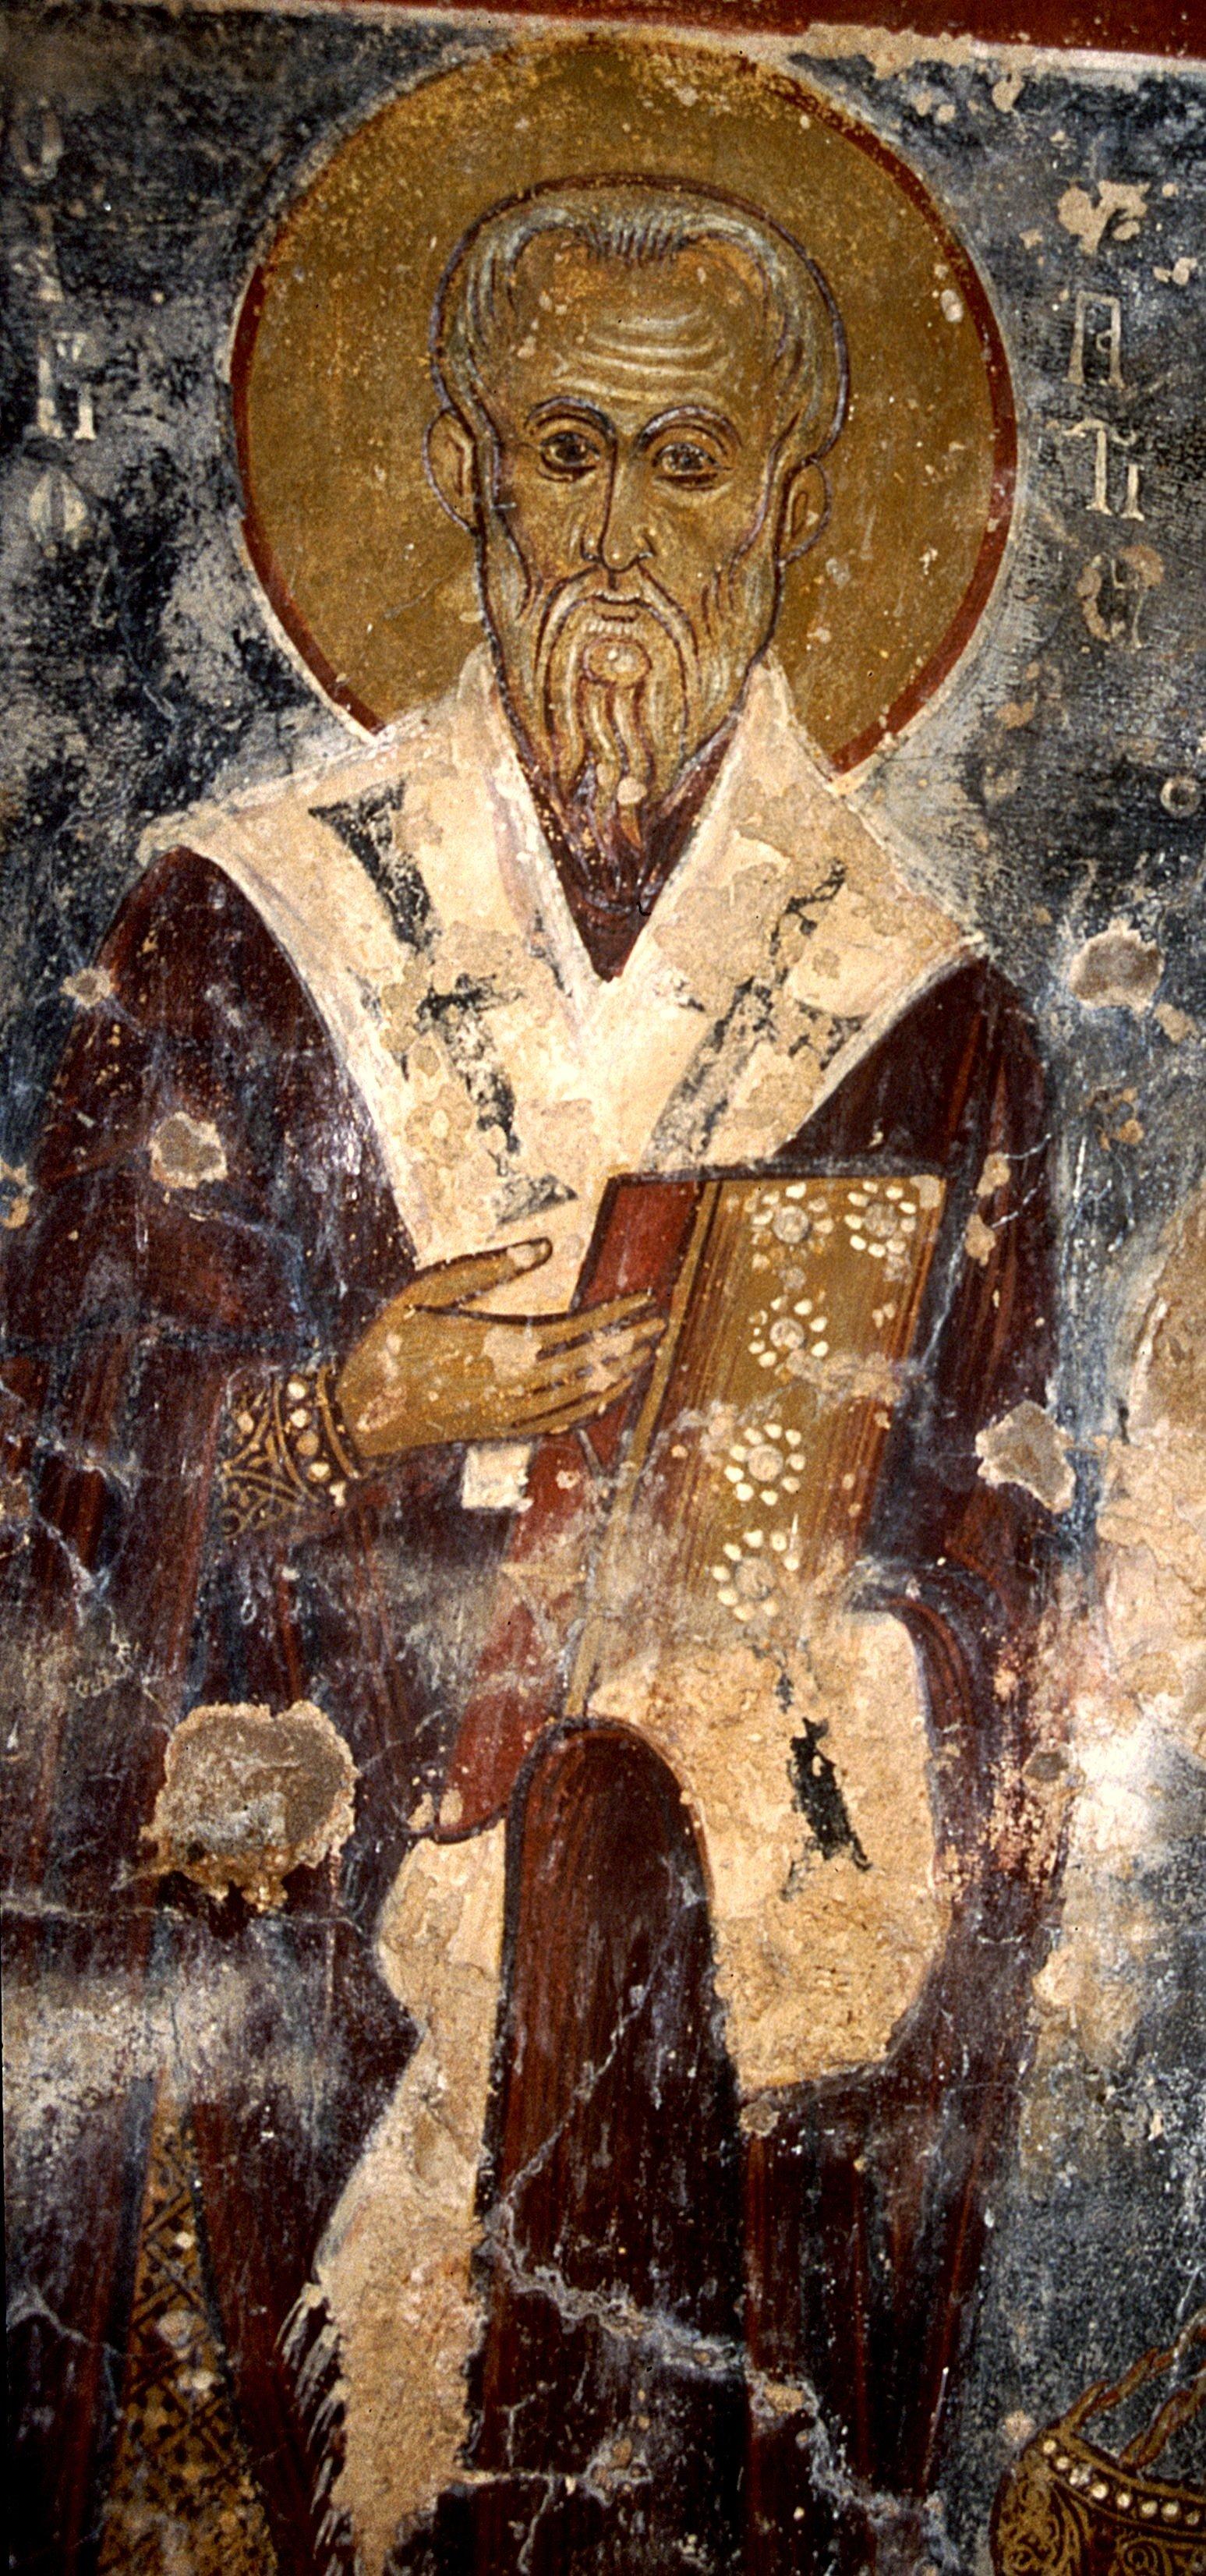 Священномученик Ипатий, Епископ Гангрский. Фреска церкви Святого Георгия в Вафи на Крите, Греция. 1284 год.